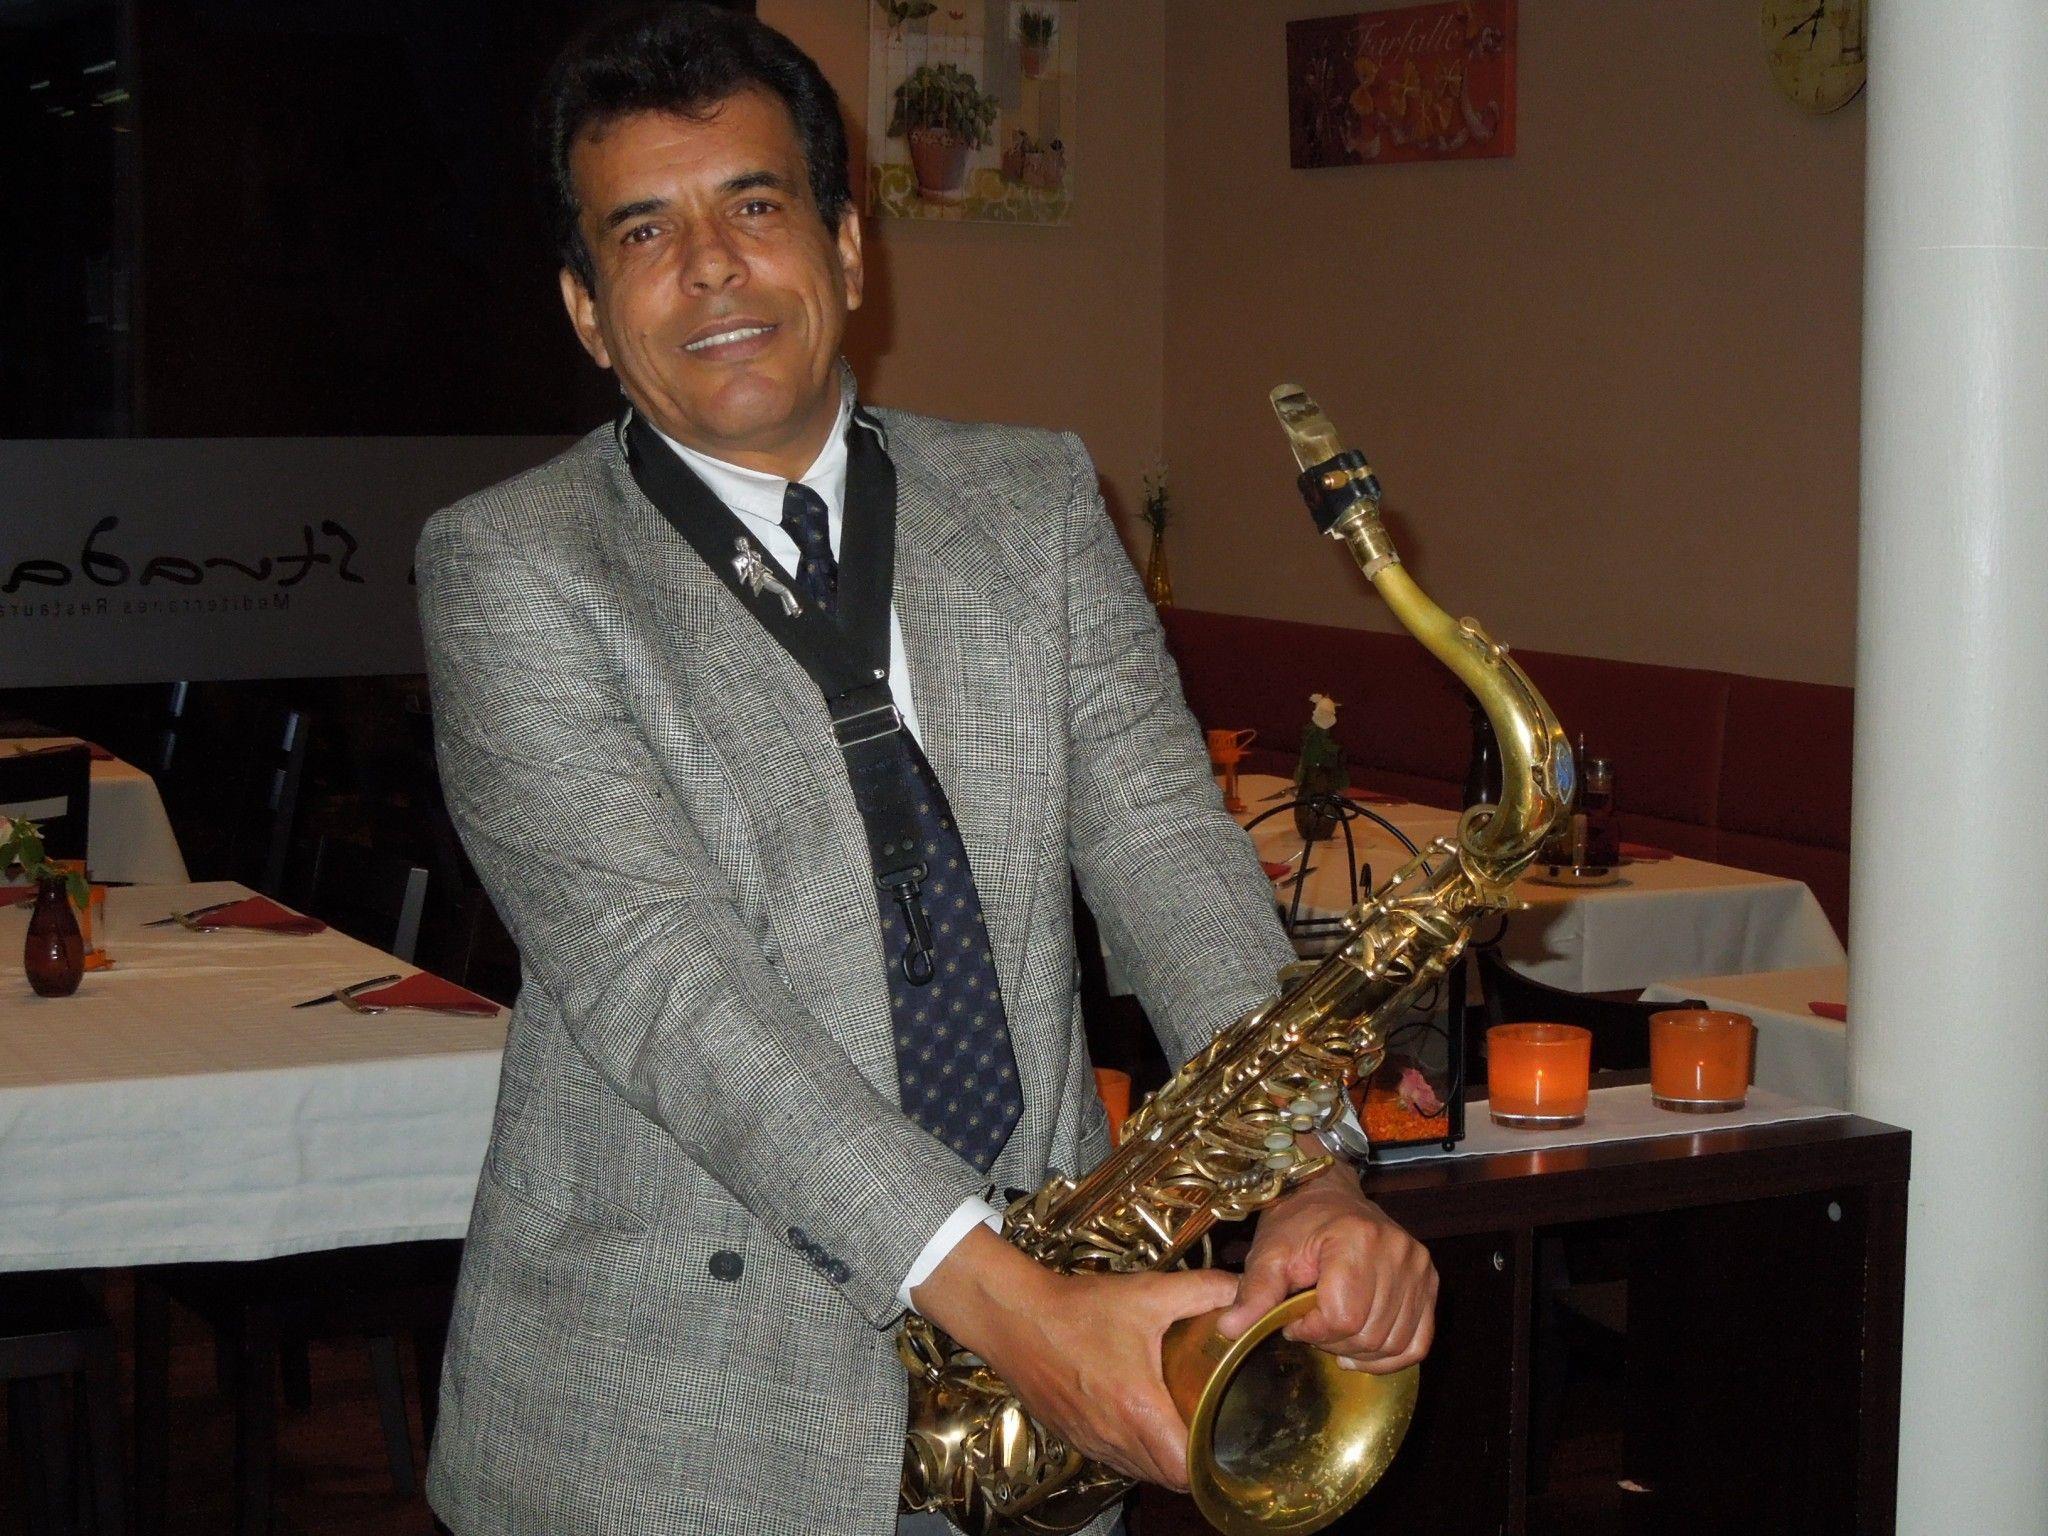 Jean-Pierre wird am 25. Oktober im La Strada ein best of aus seinem Musikrepertoire geben.